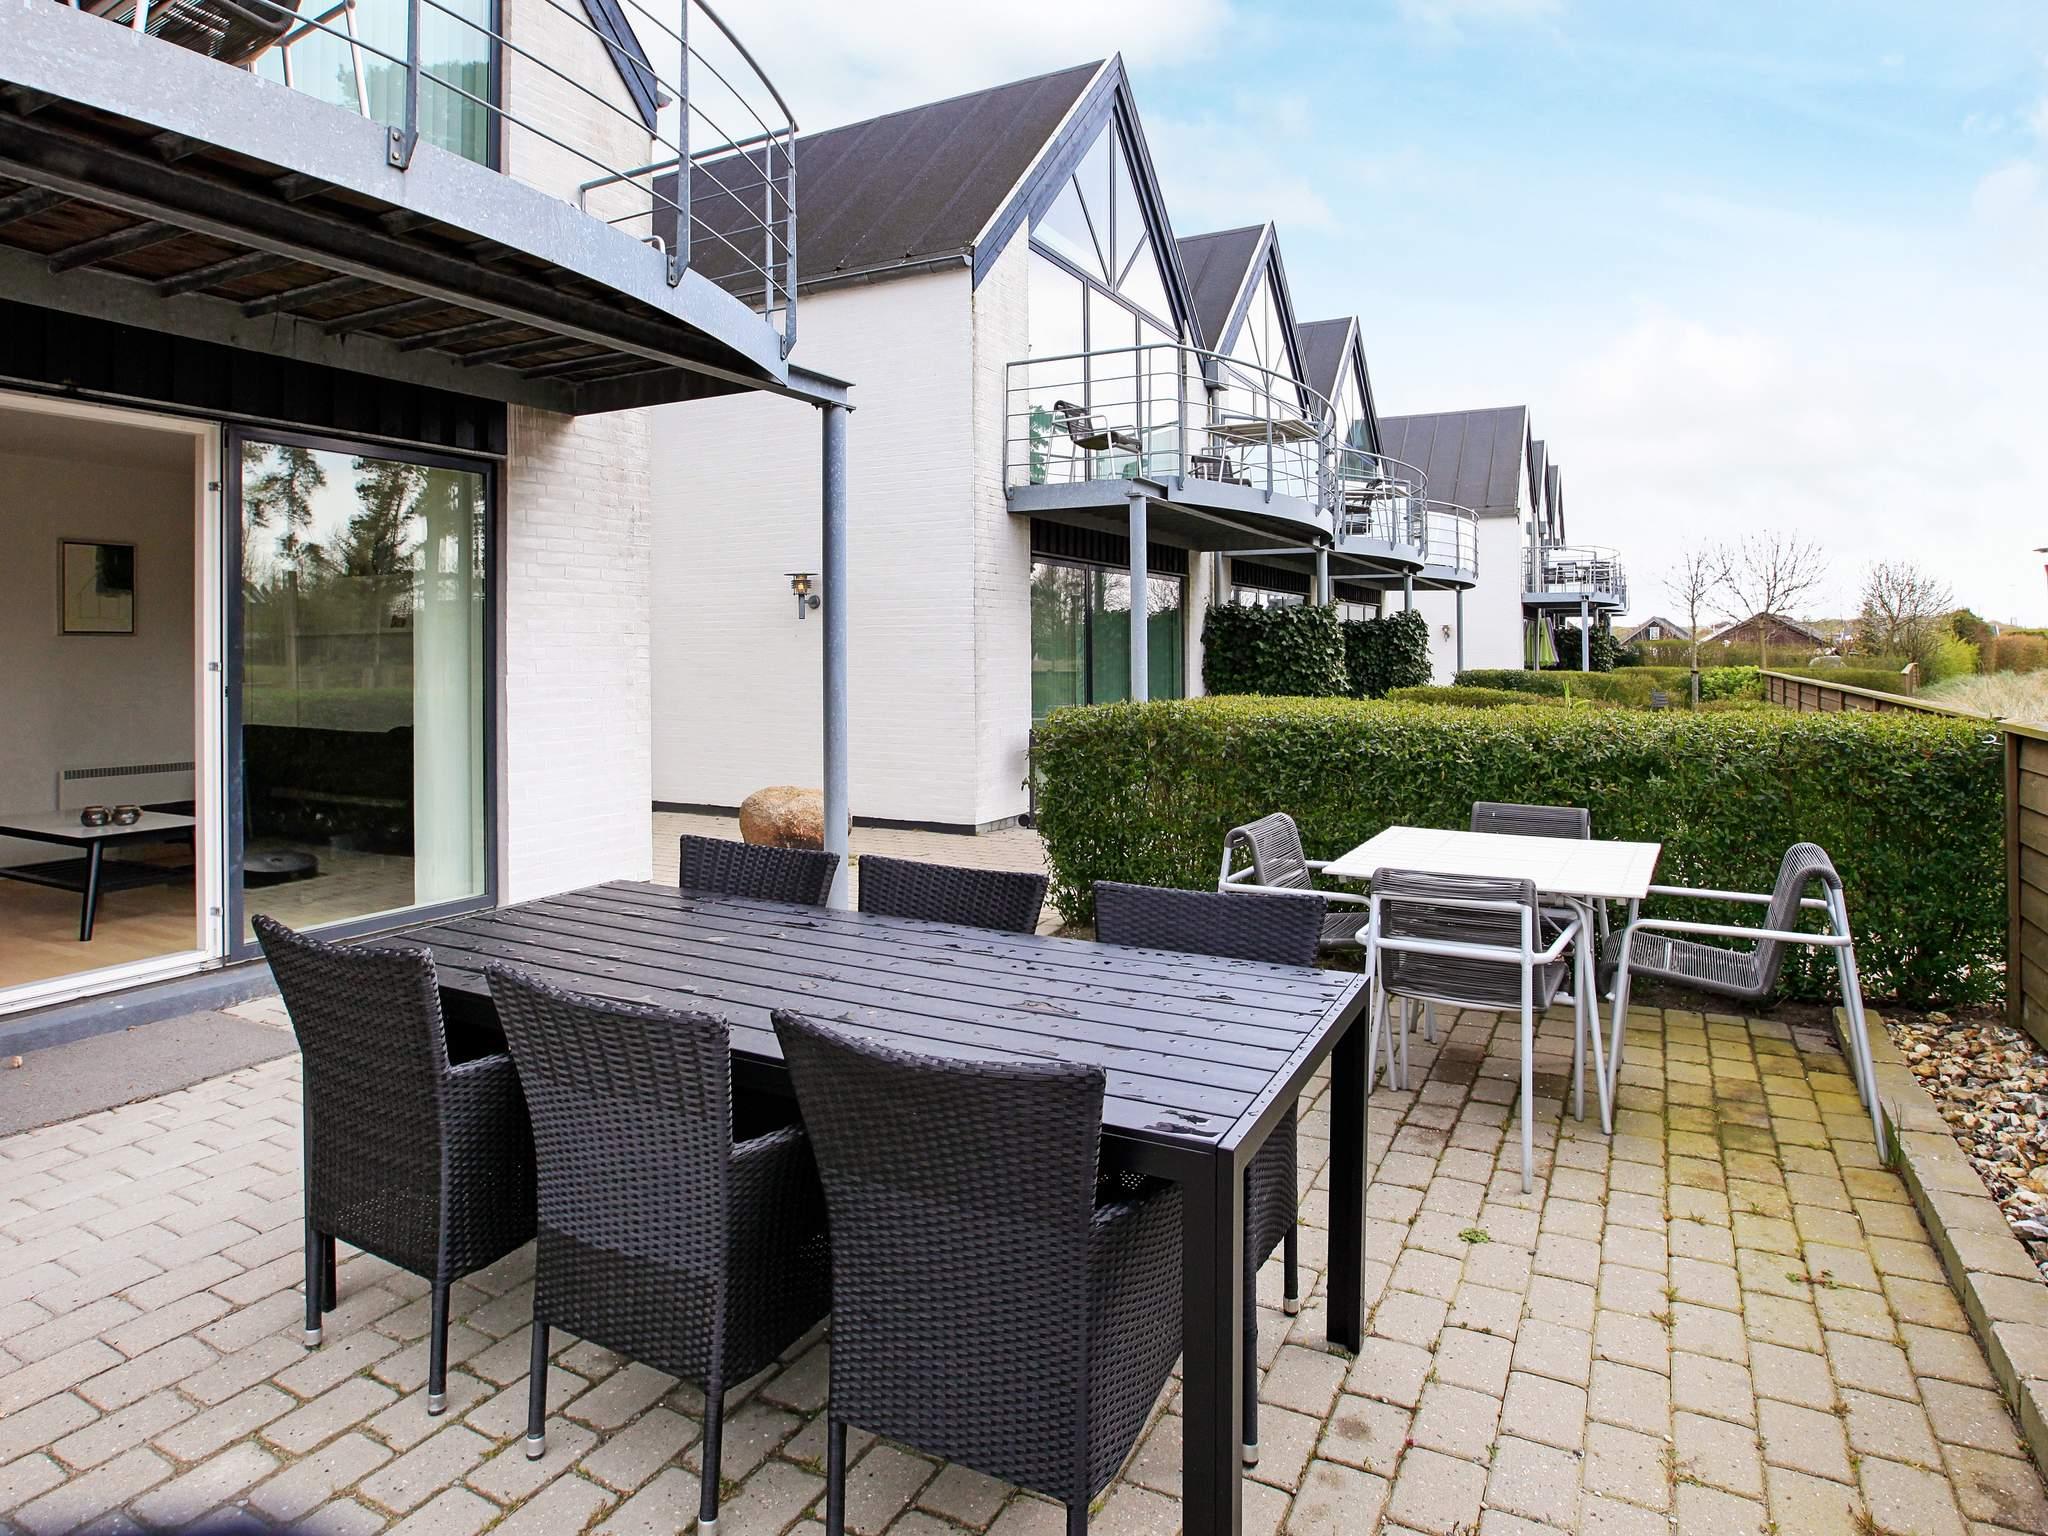 Ferienhaus Marielyst (334418), Marielyst, , Falster, Dänemark, Bild 23